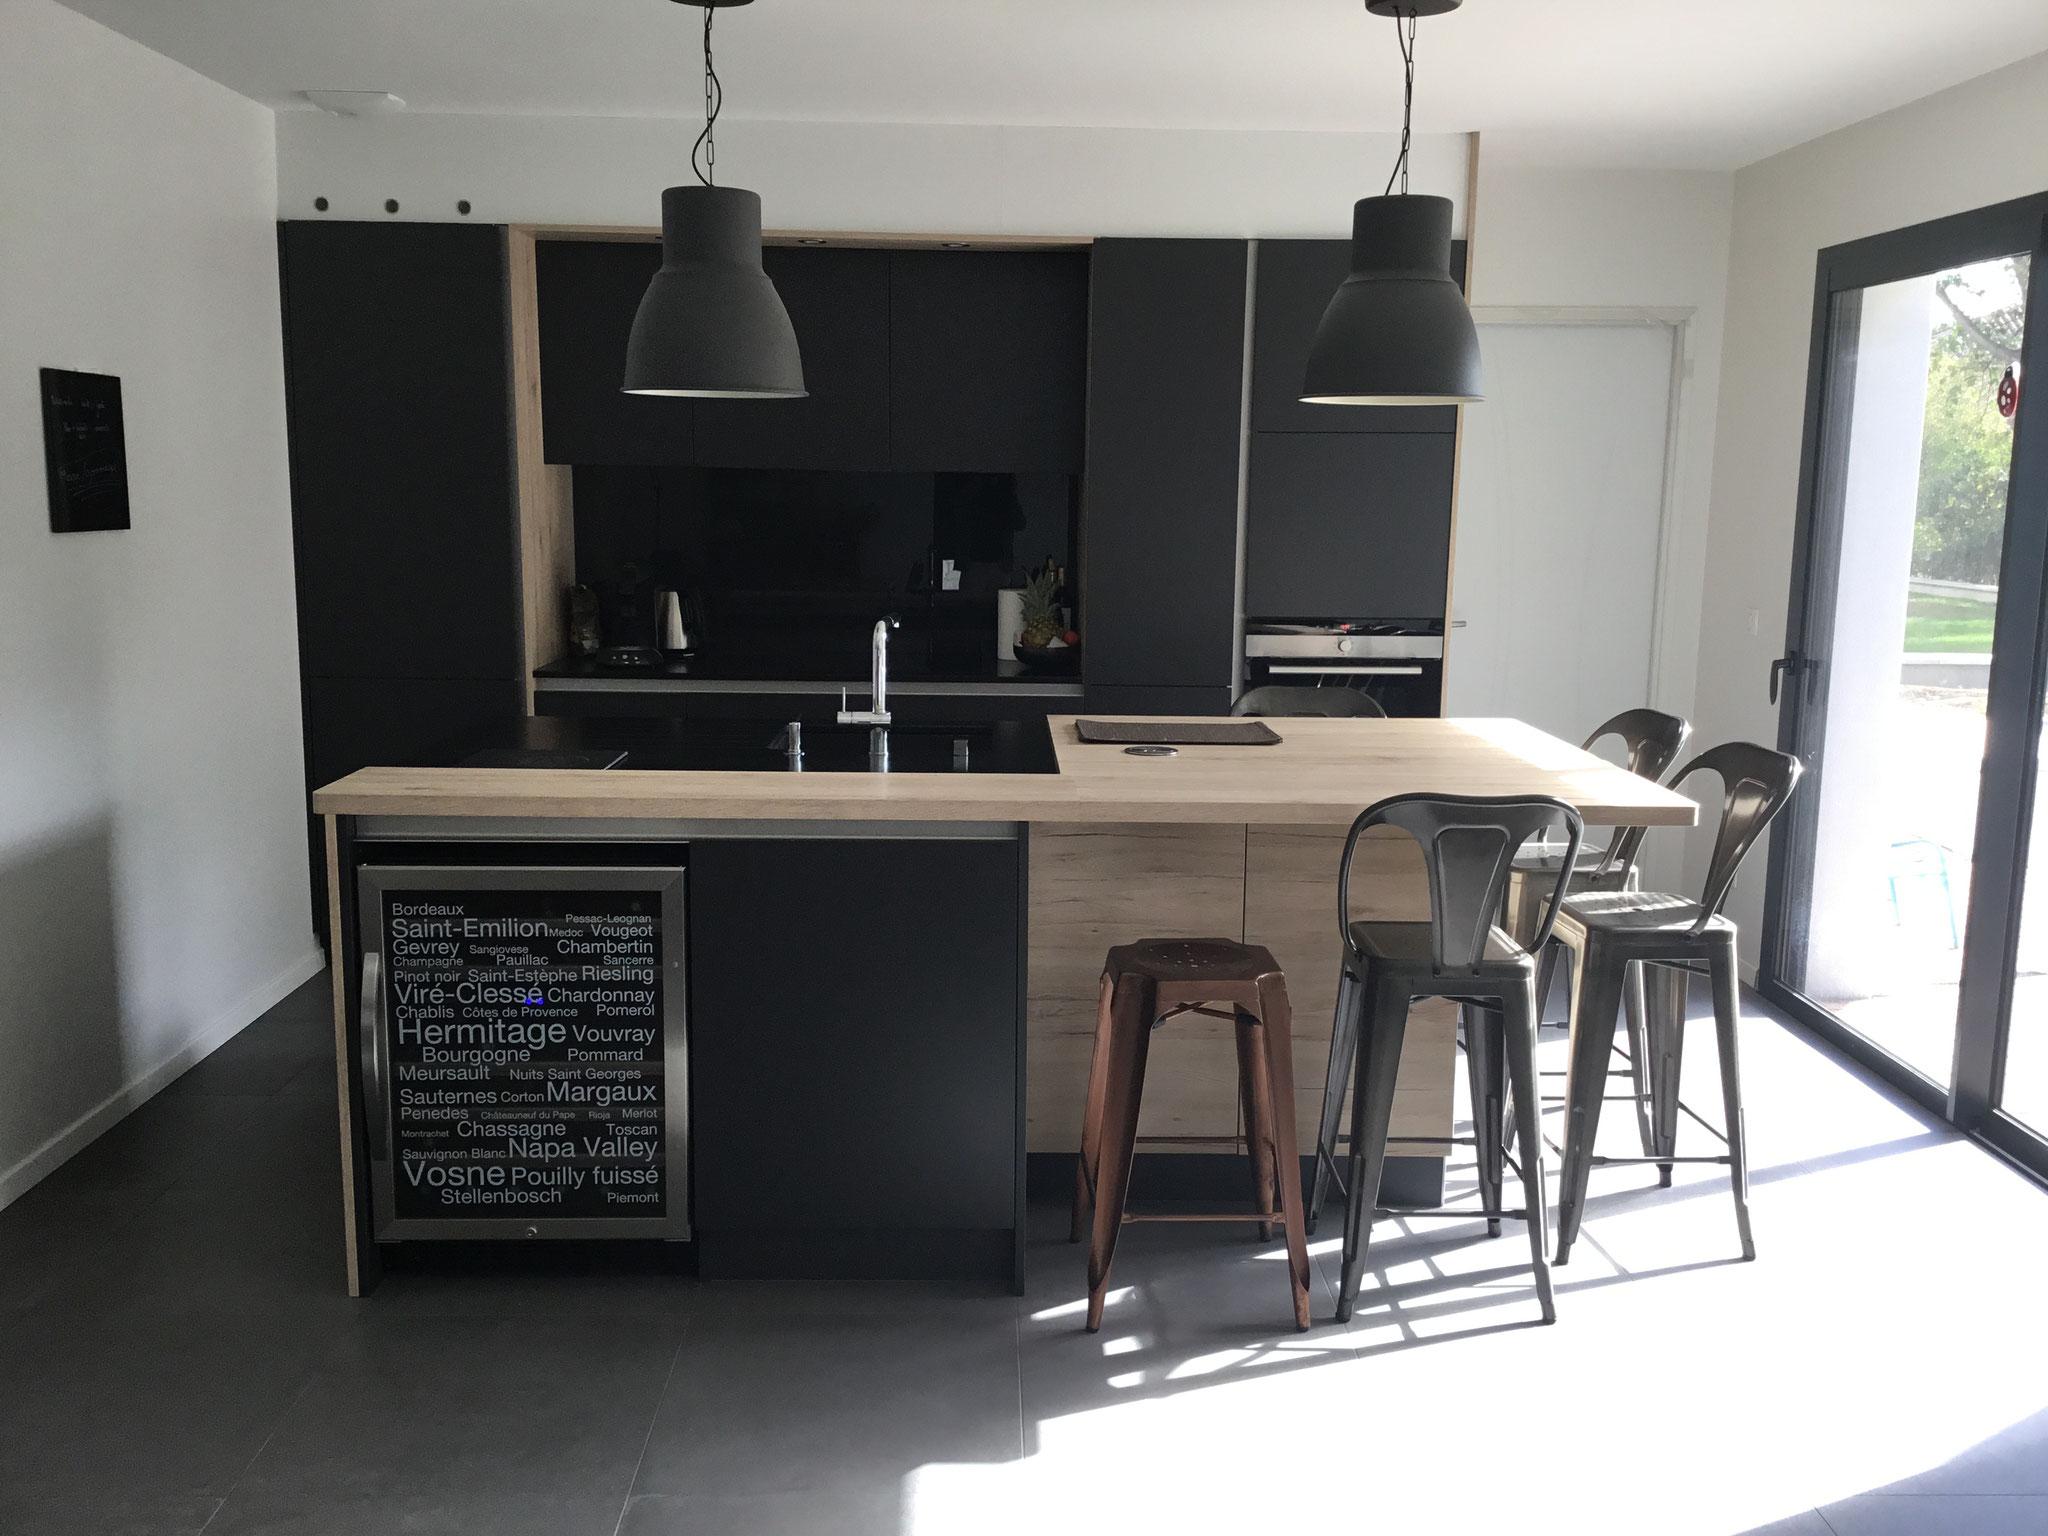 Exemples de réalisations de cuisine - Cuisine Interieur Design Toulouse